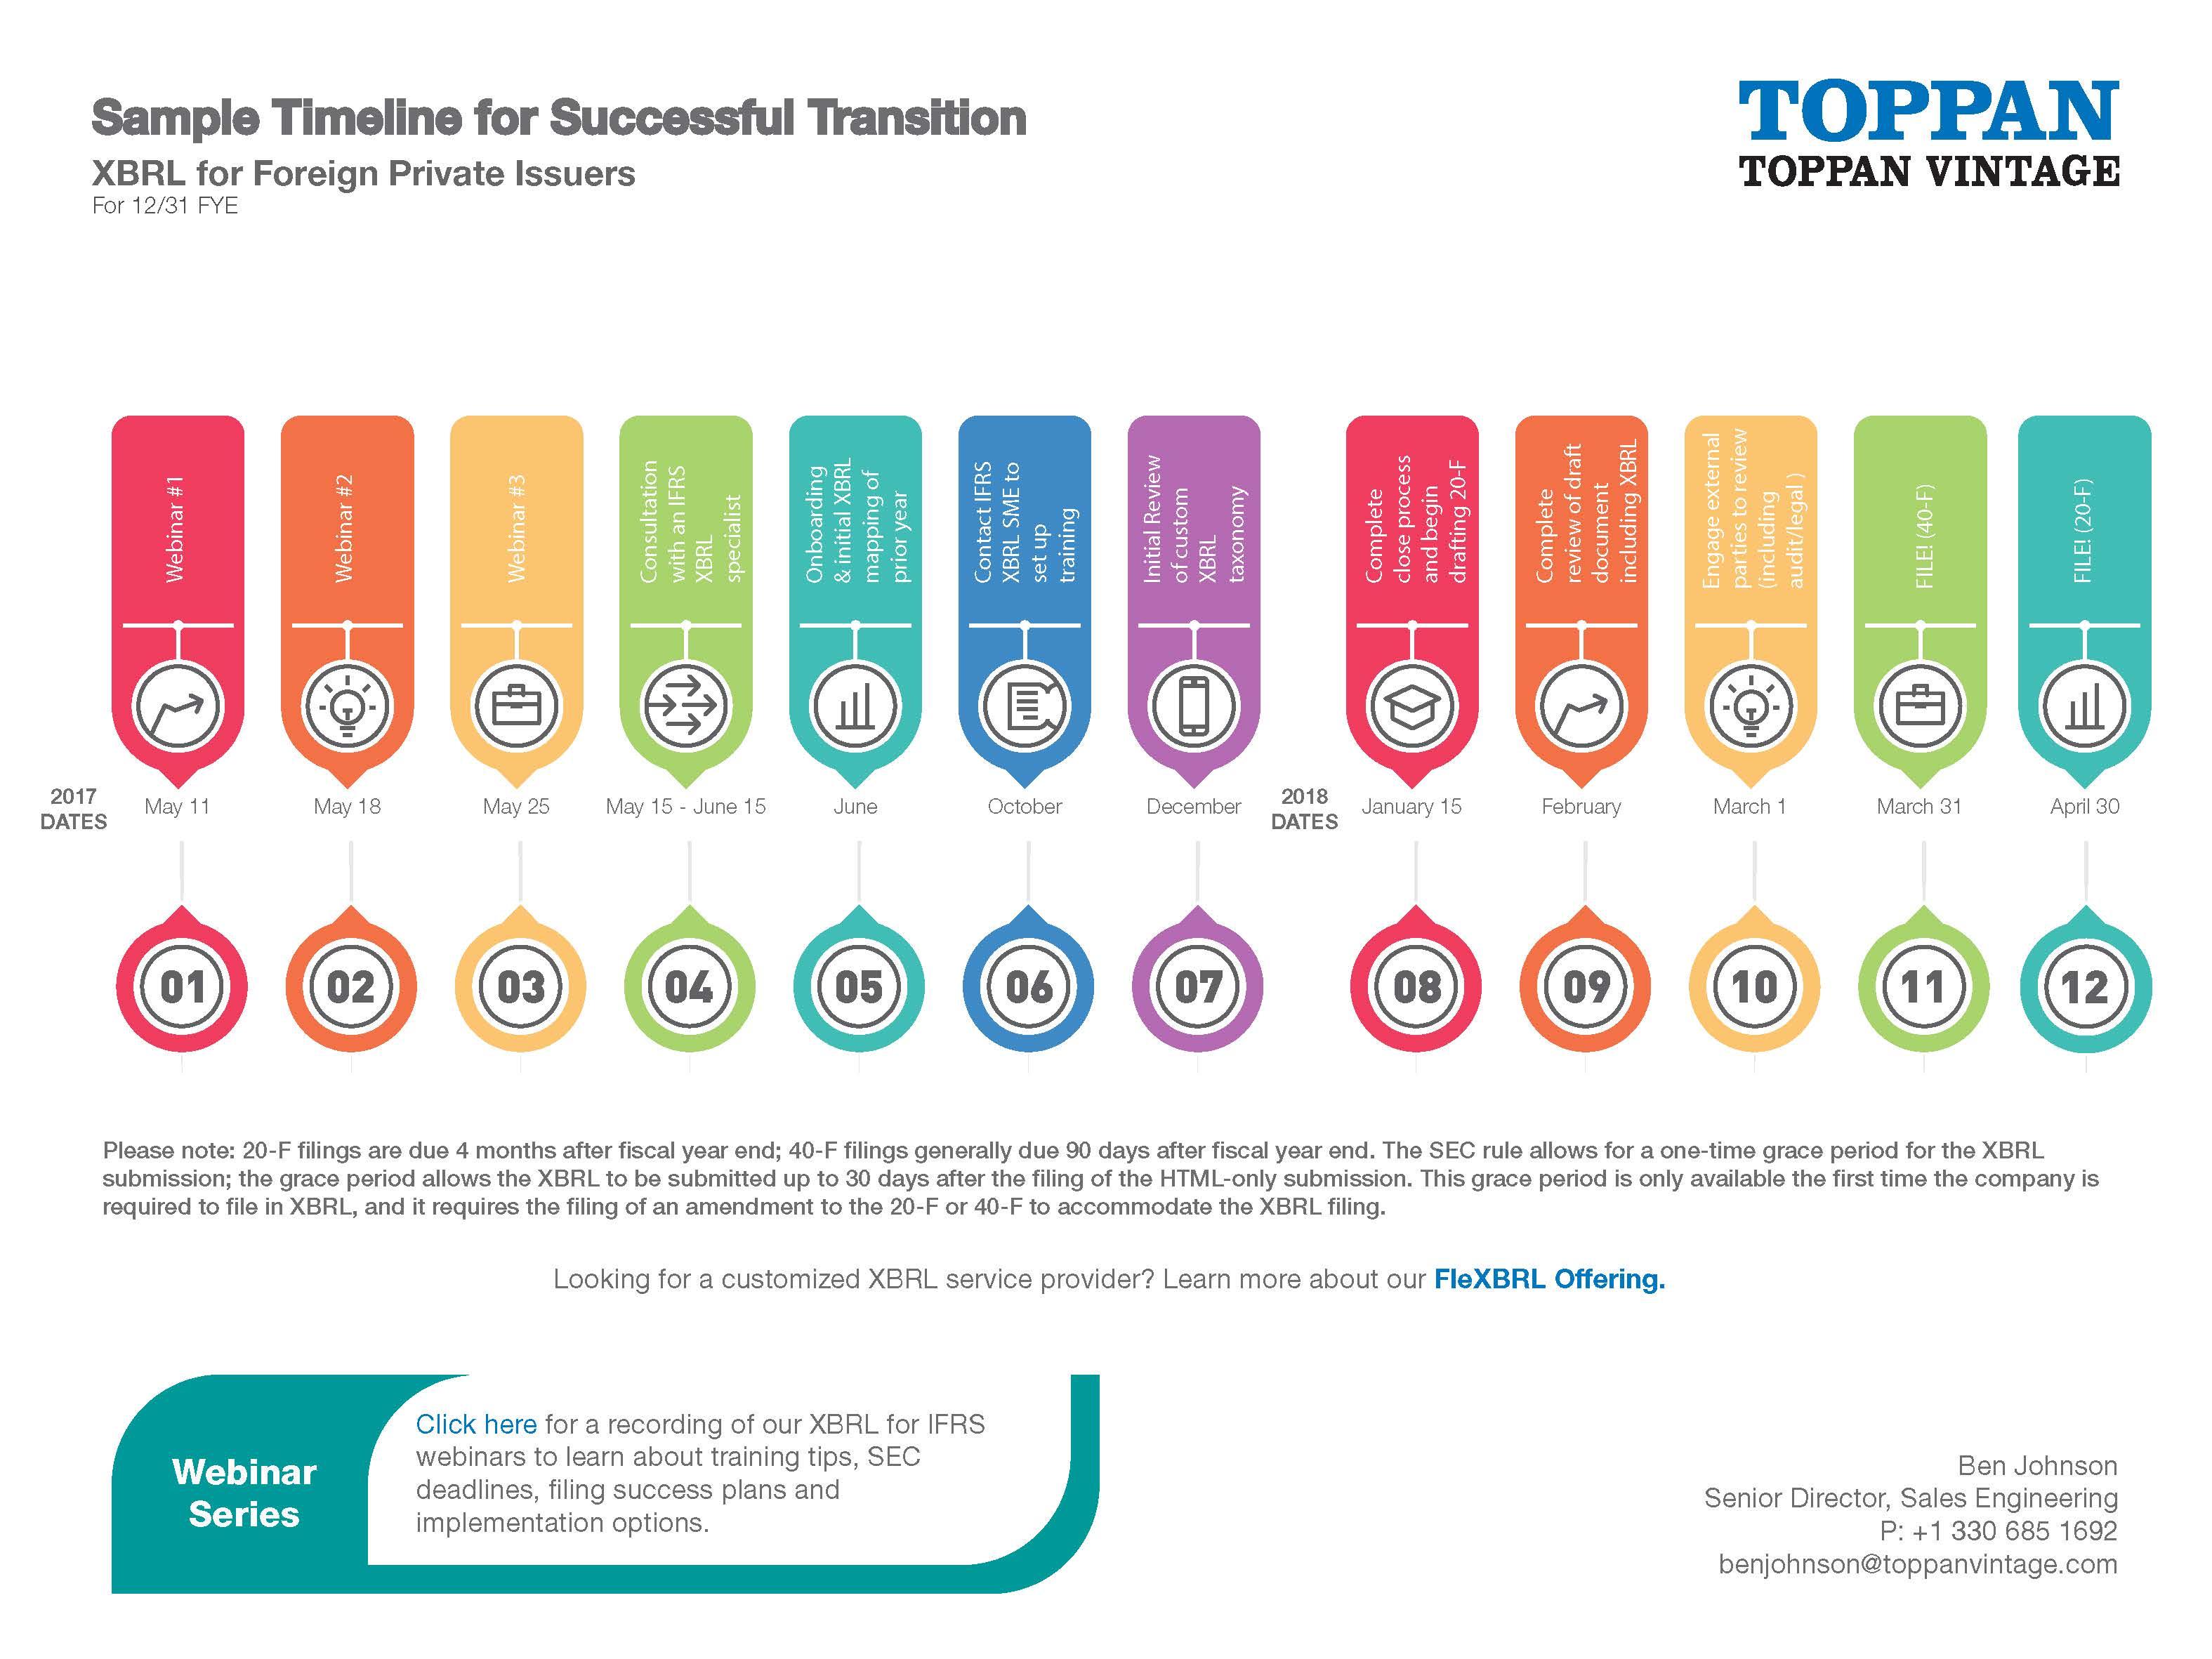 IFRS_XBRL_Timeline_finaltoppanvintage.jpg